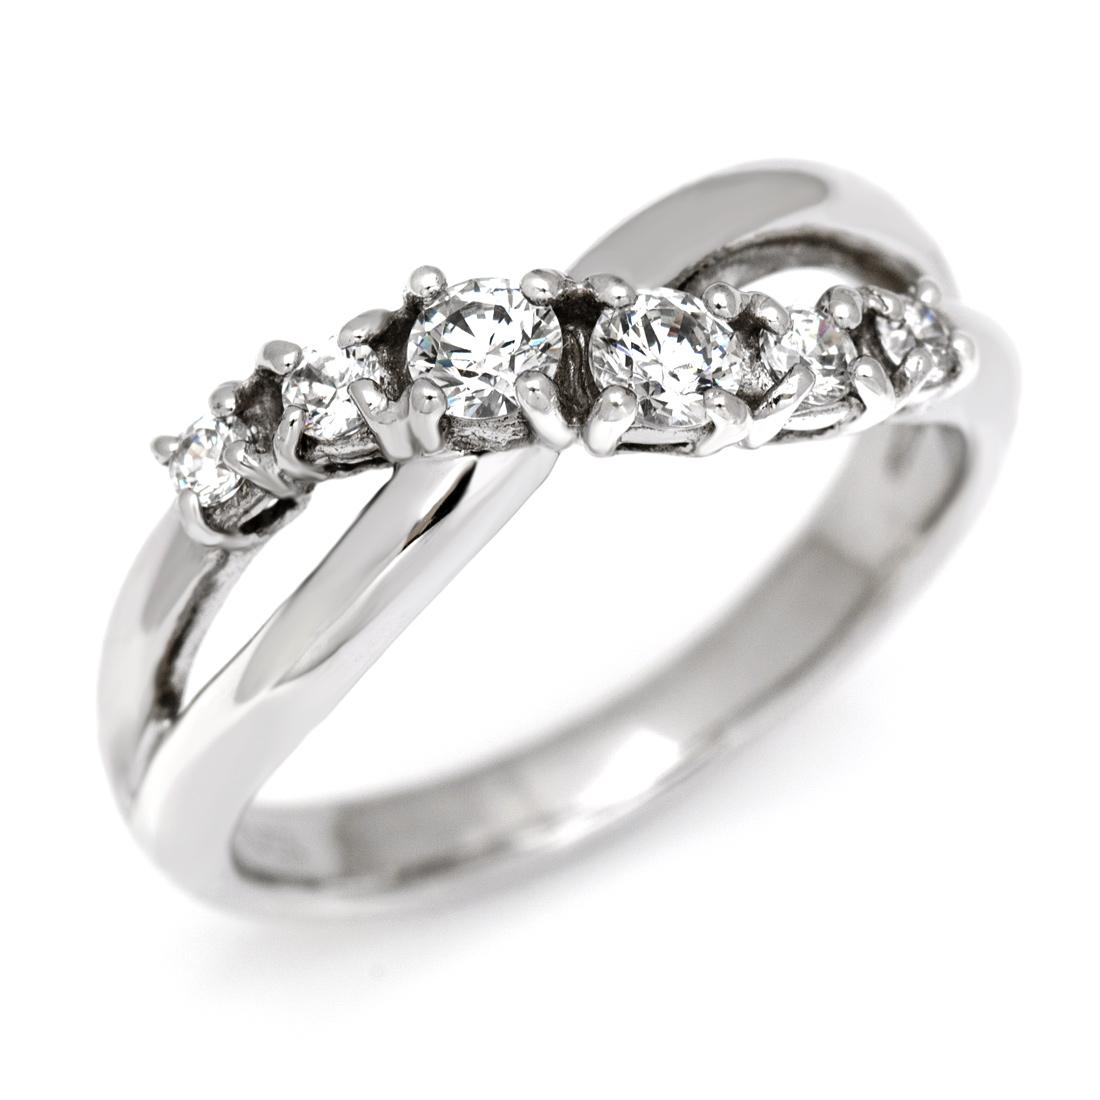 【GWクーポン配布中】リング ダイヤモンド 0.22カラット プラチナ900 送料無料